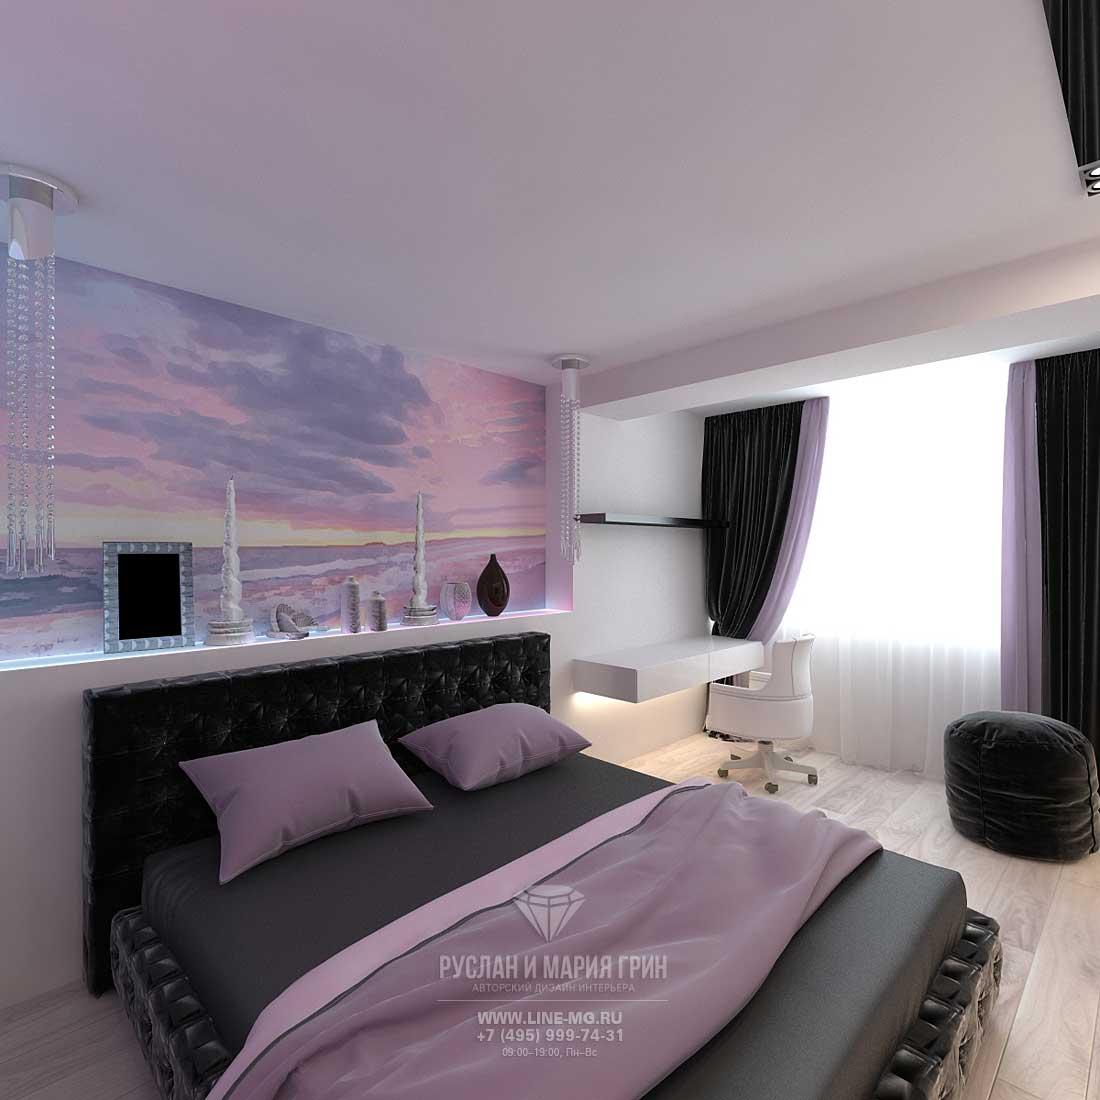 Дизайн красивой квартиры. Фото интерьера спальни 2016